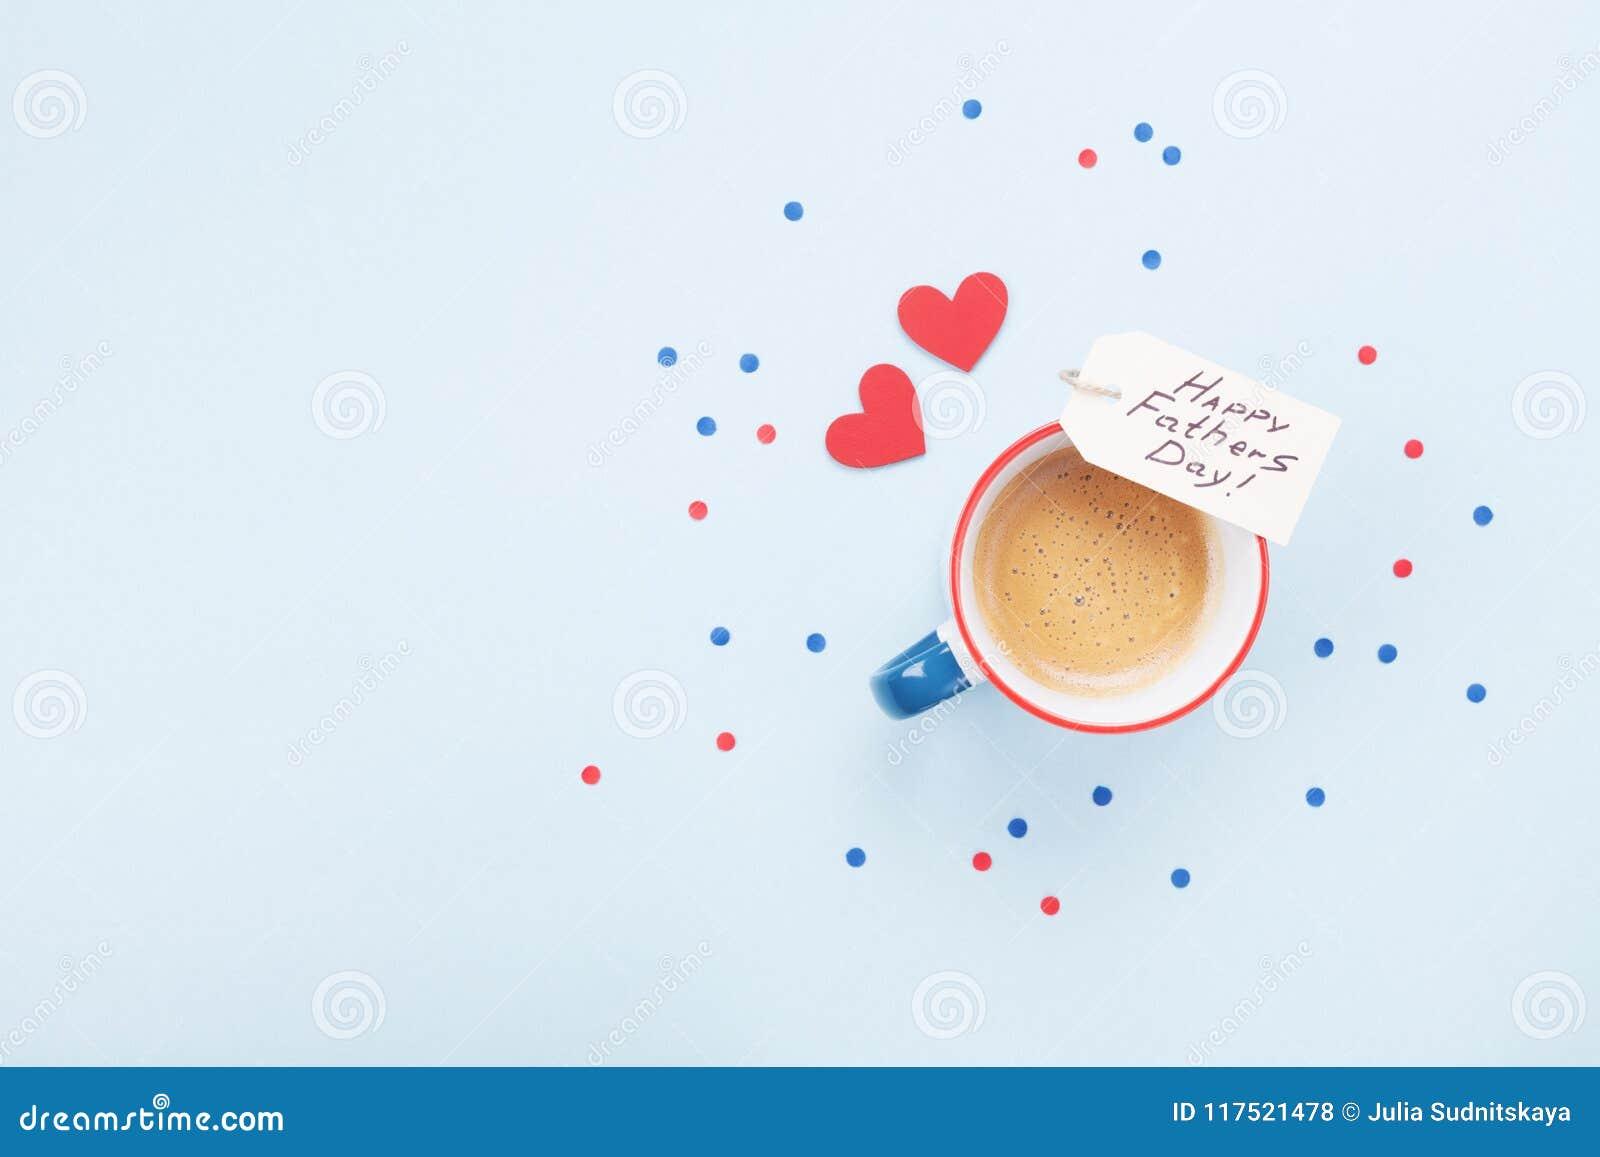 Feiertagsfrühstück Am Glücklichen Vatertag Mit Tasse Kaffee Und ...